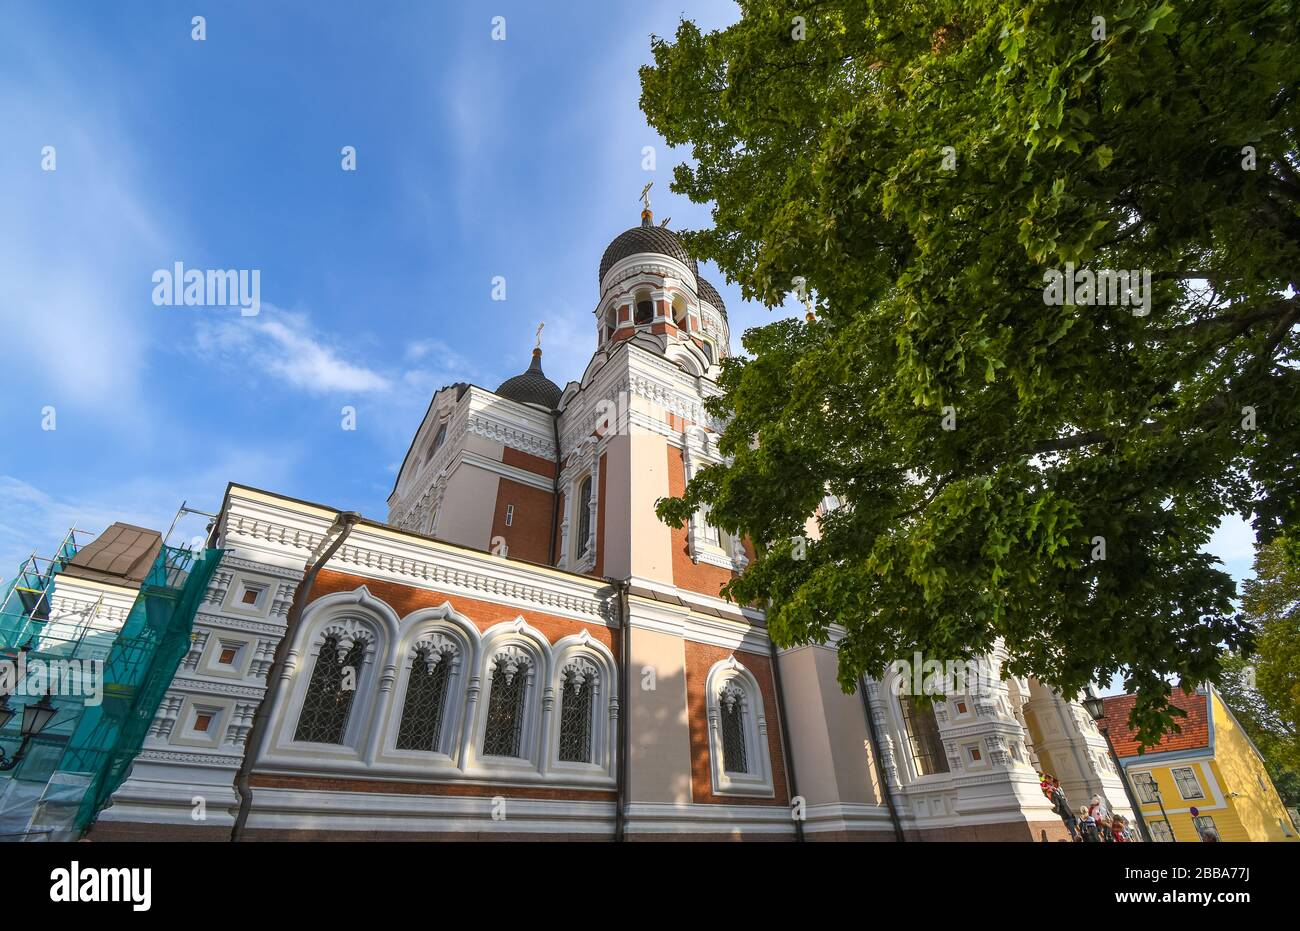 La façade de la cathédrale Alexandre Nevsky sur la colline de Toompea dans la cité médiévale de Tallinn Estonie. Banque D'Images